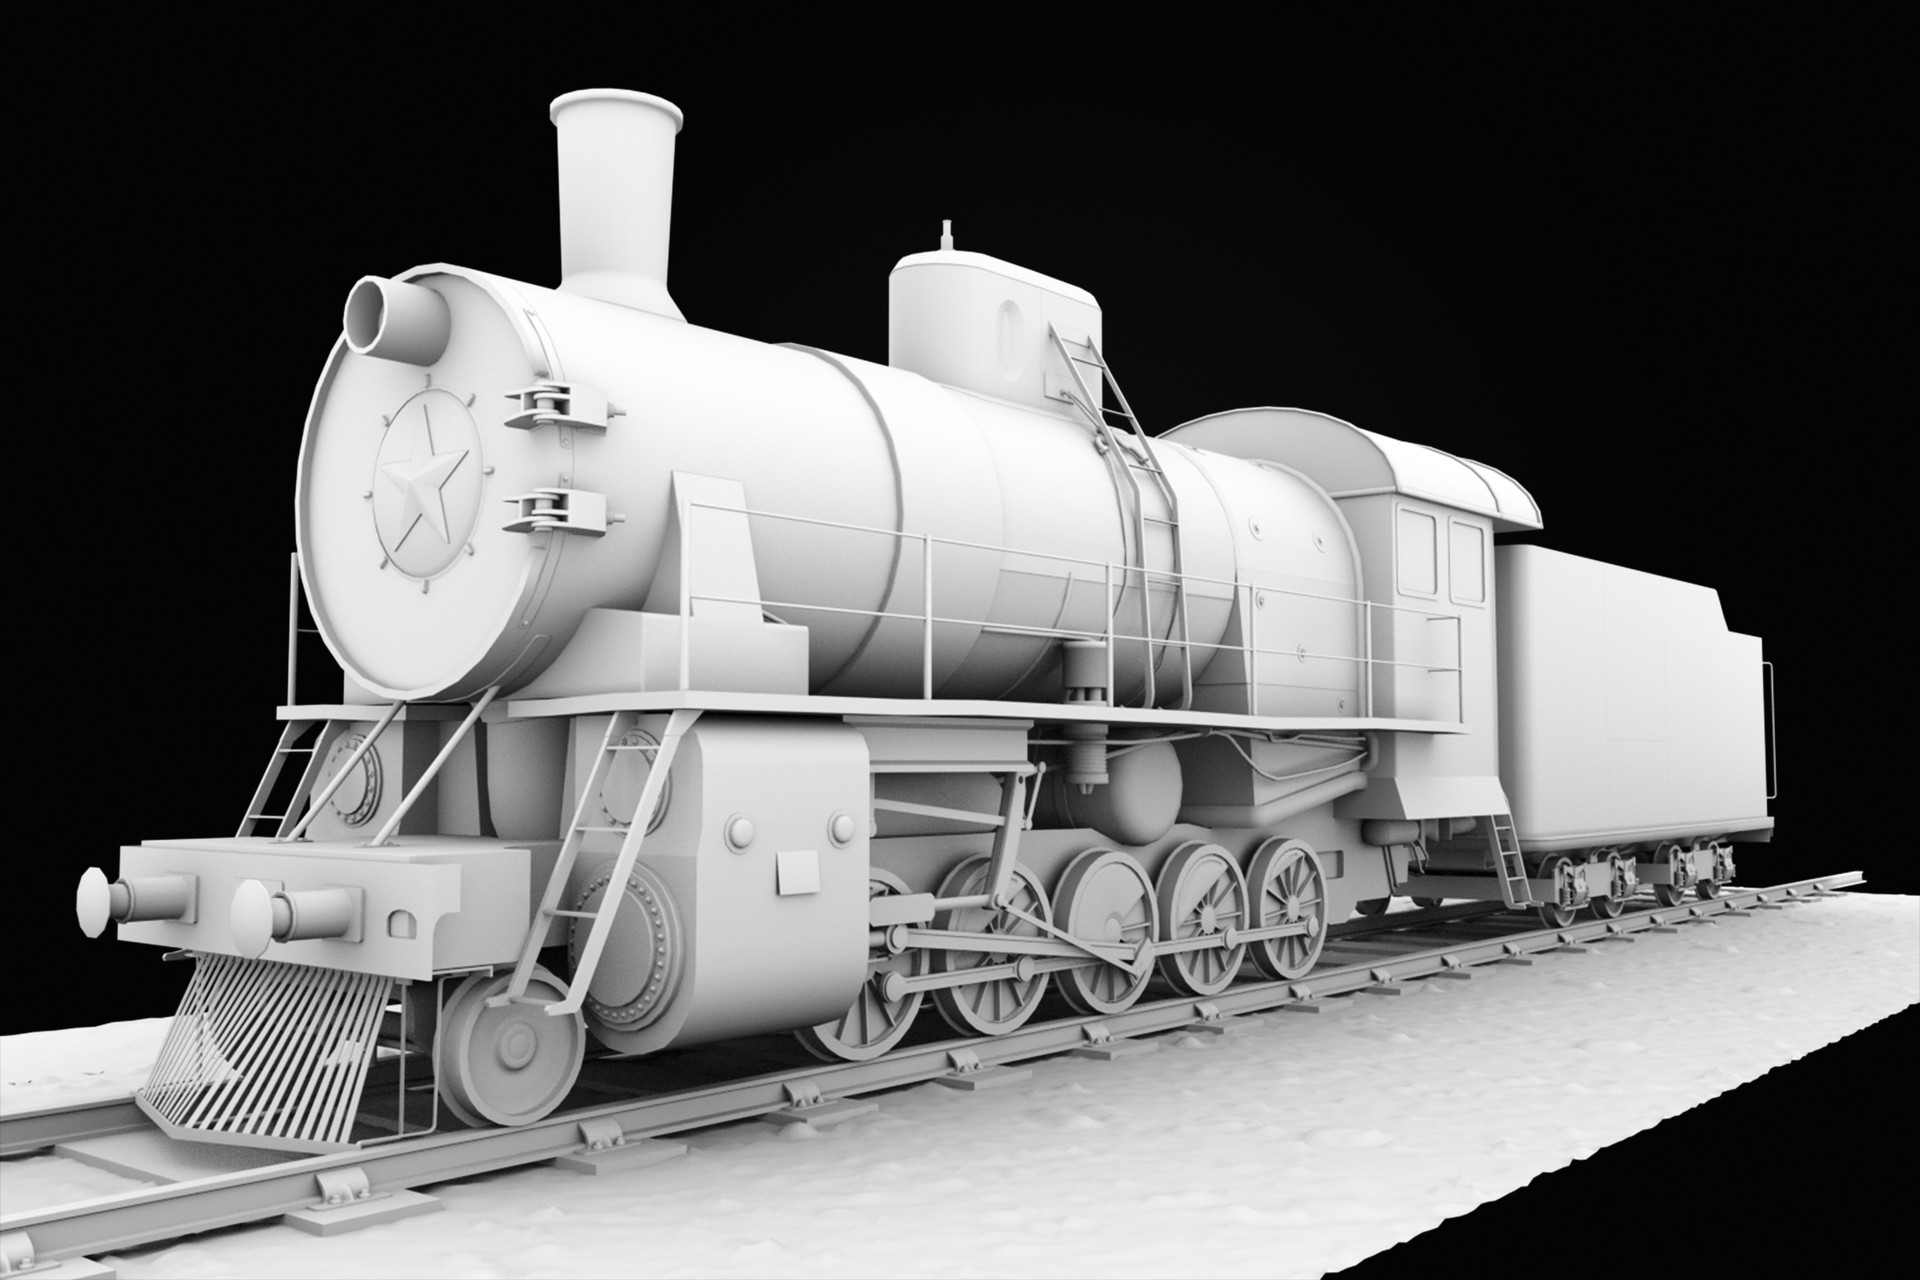 Ewa wierbik lokomotywa2 ao